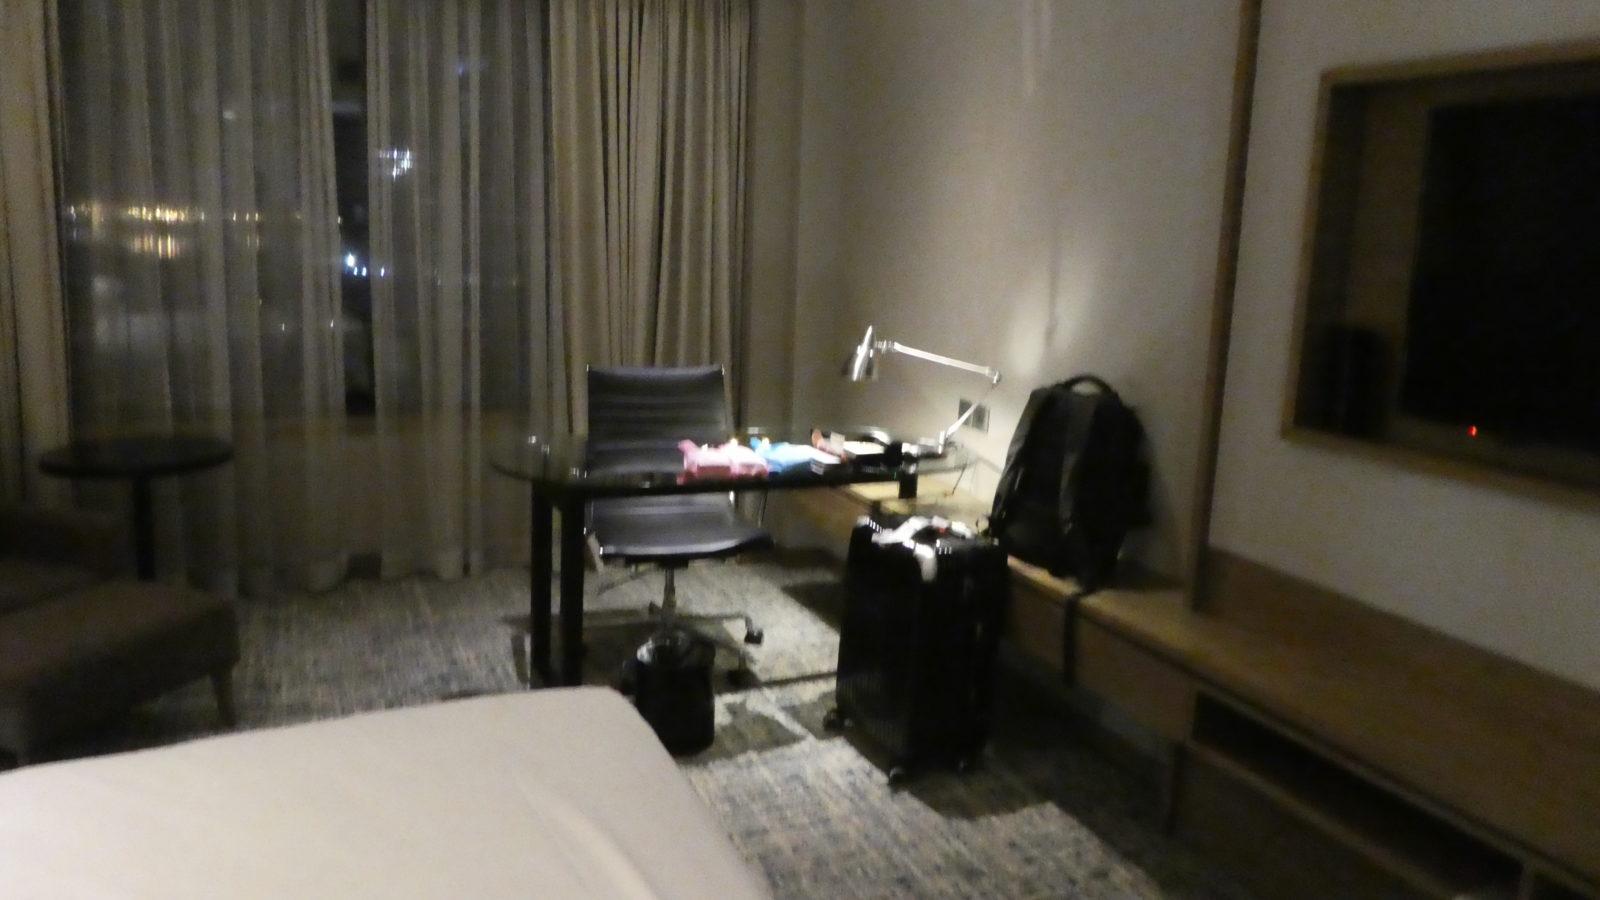 ルネッサンスジョホールバルホテルのお部屋の中